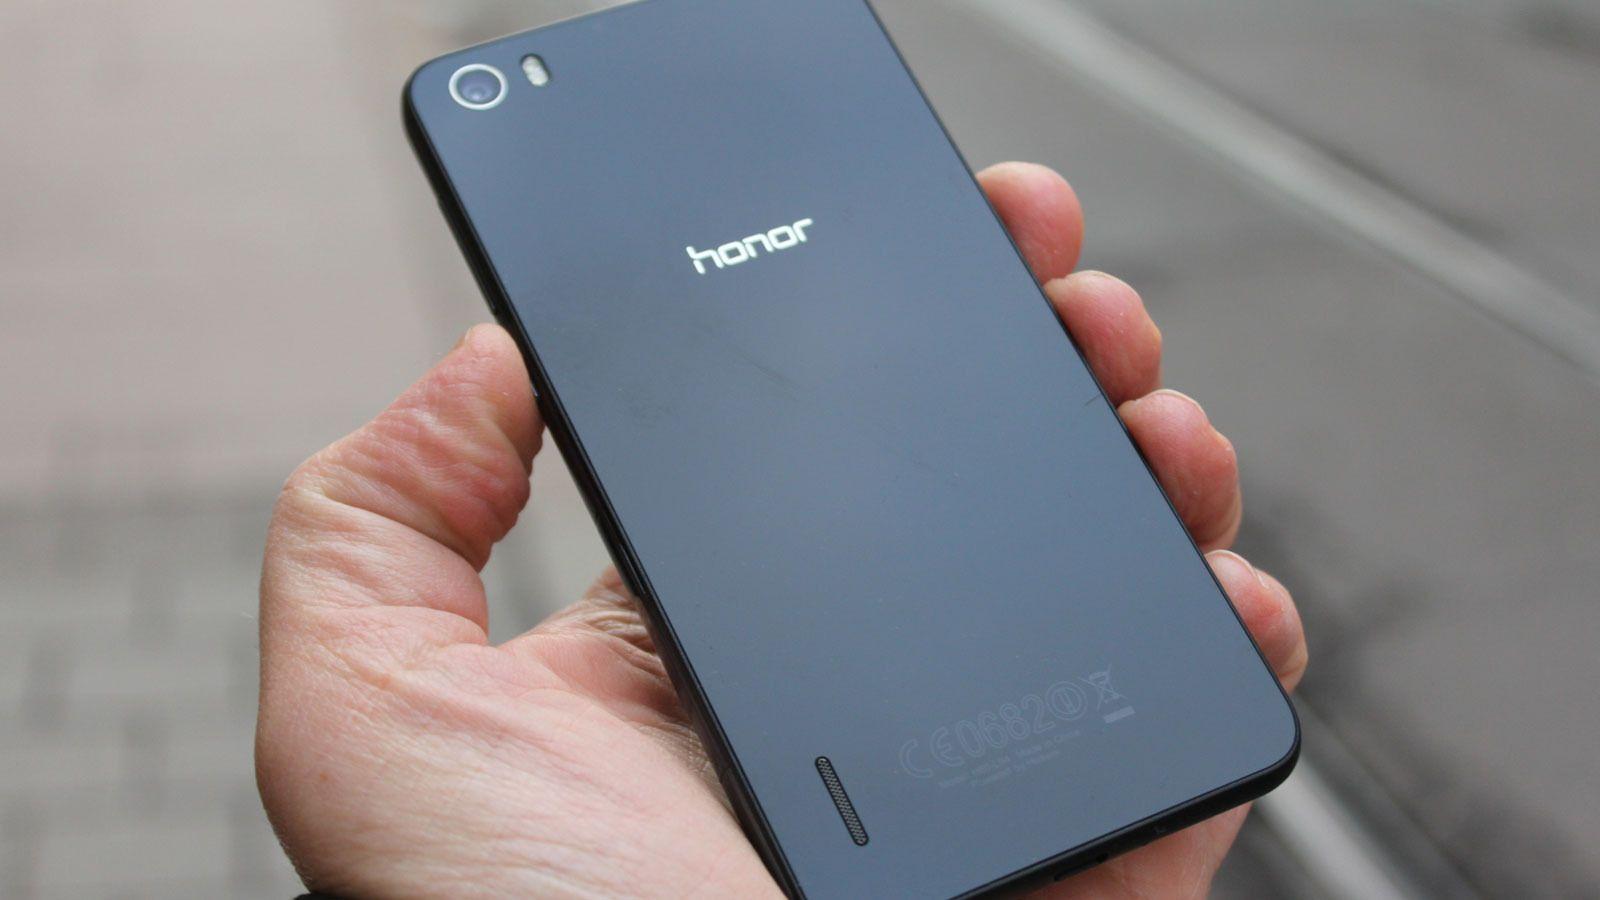 Den blanke baksiden viser produsentnavnet, men er ellers mest sort og blank. Telefonen finnes også i hvitt. Foto: Espen Irwing Swang, Tek.no